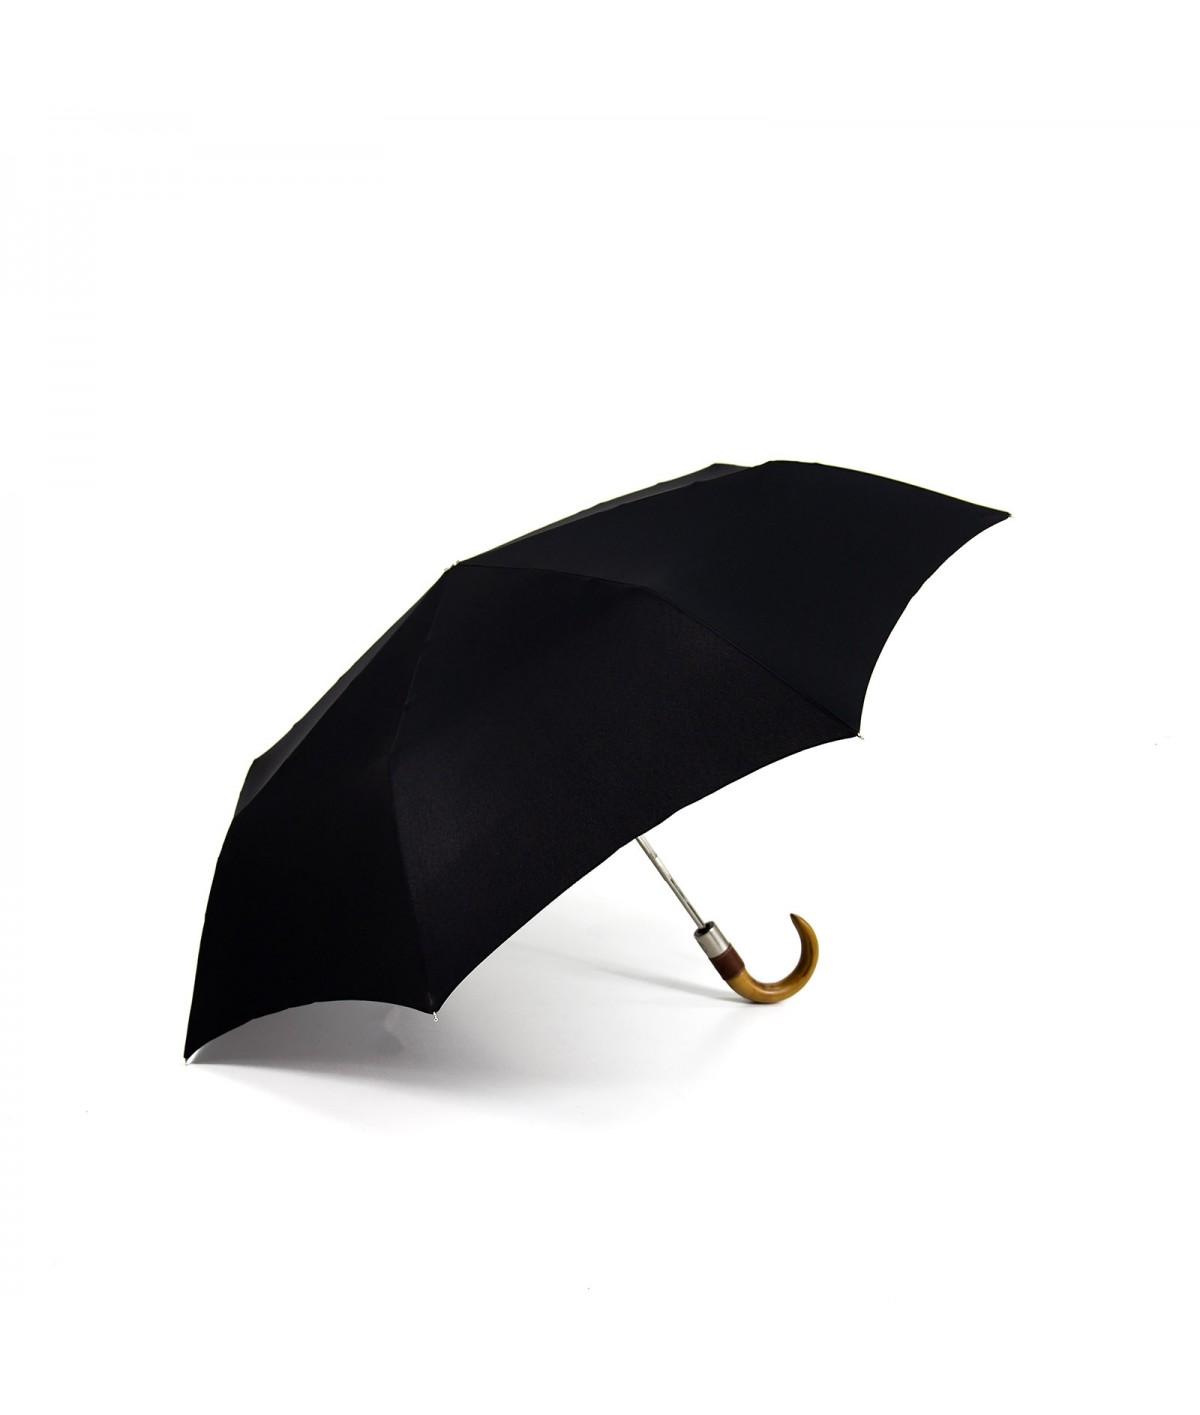 """→ Longchamp - """"Men's Umbrella"""" Black - Mini Automatic - by the French Umbrellas Manufacturer Maison Pierre Vaux"""